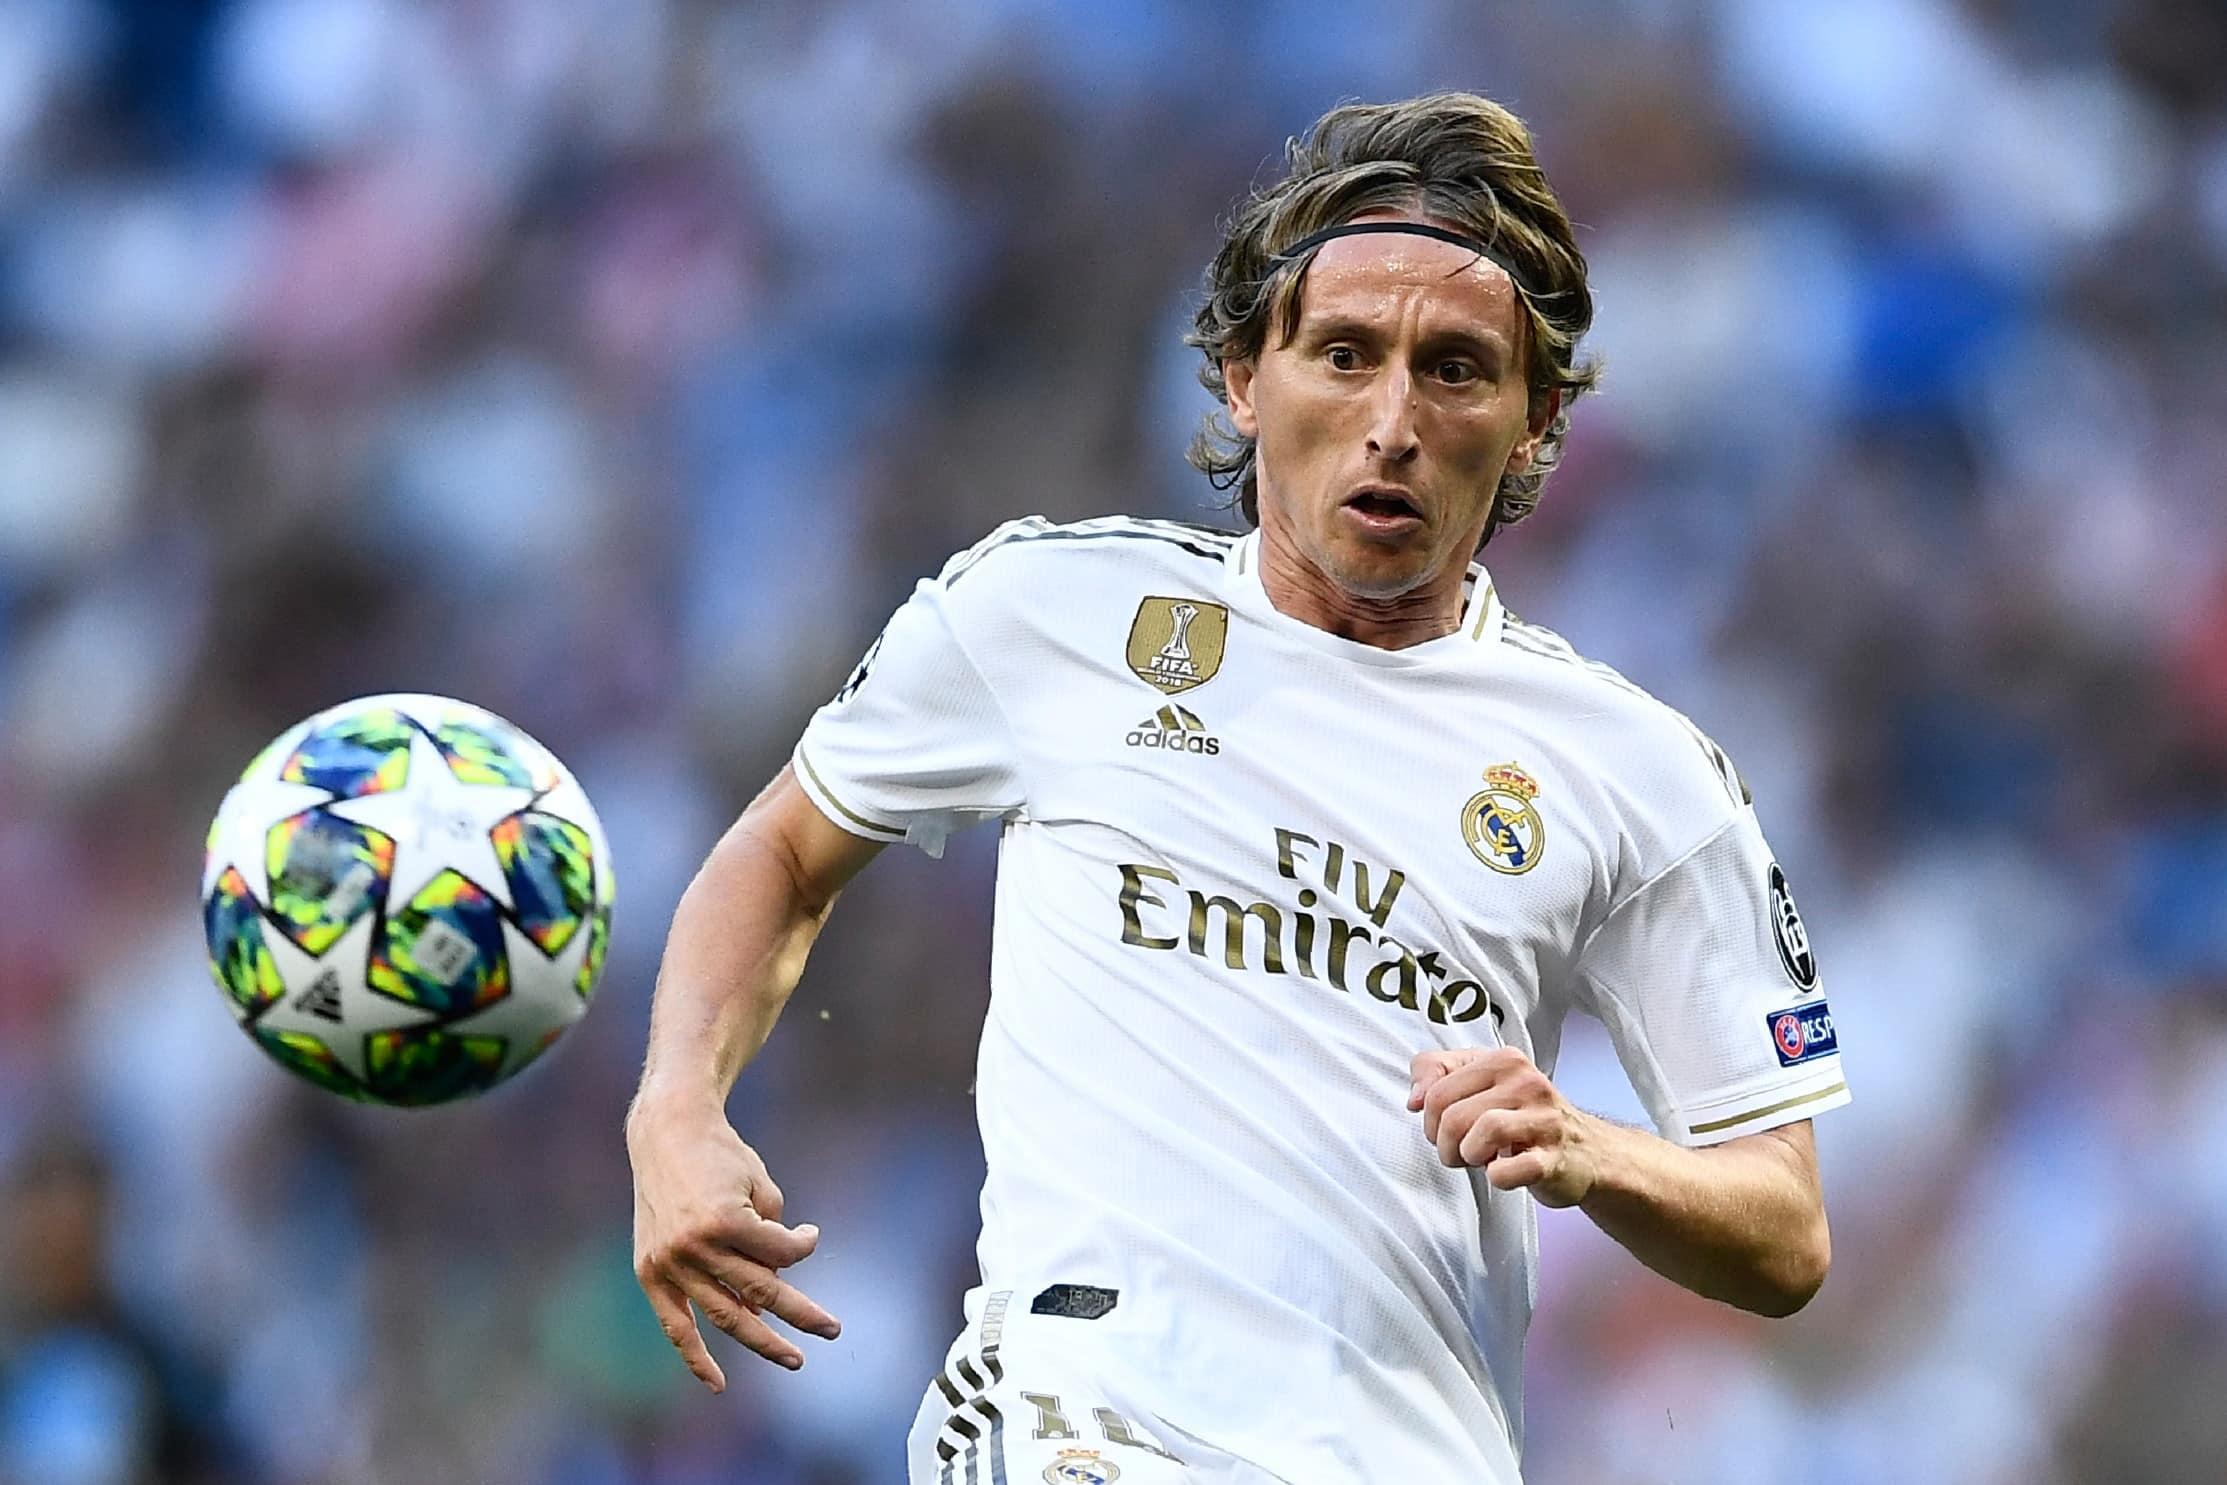 Calciomercato Inter, clamorosa bocciatura di Conte no a Rakitic, il mister nerazzurro vuole Modric